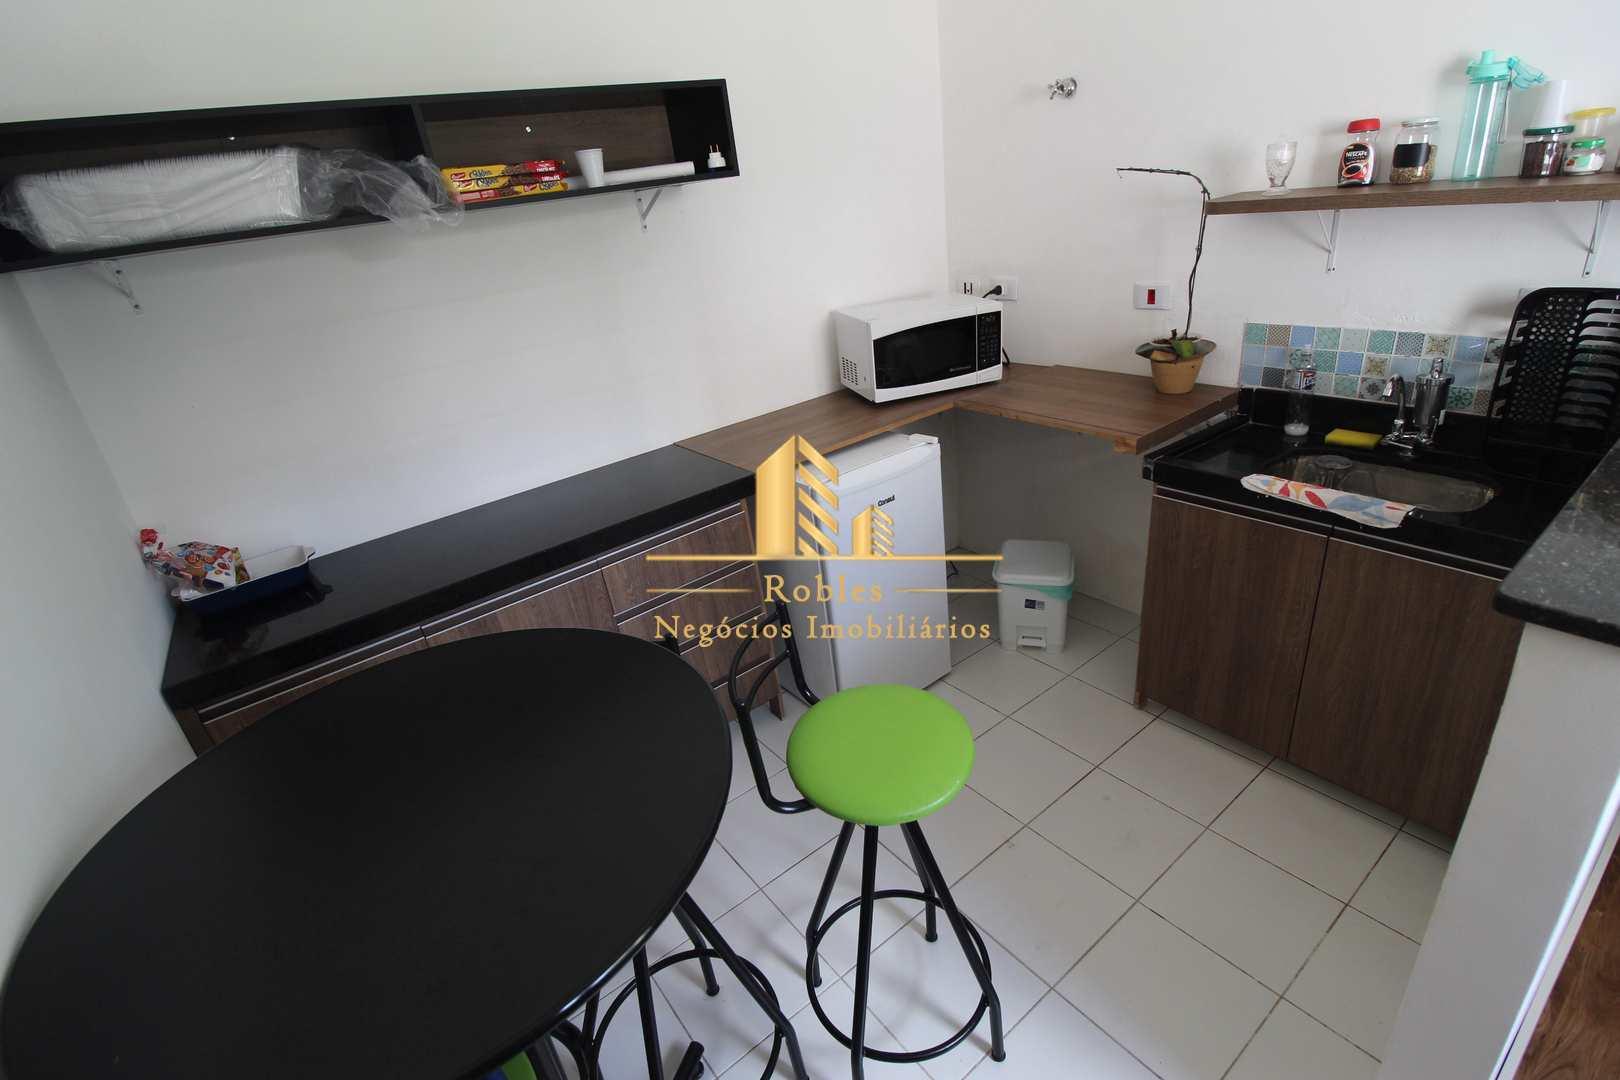 Casa com 1 dorm, Vila Uberabinha, São Paulo - R$ 2.3 mi, Cod: 862